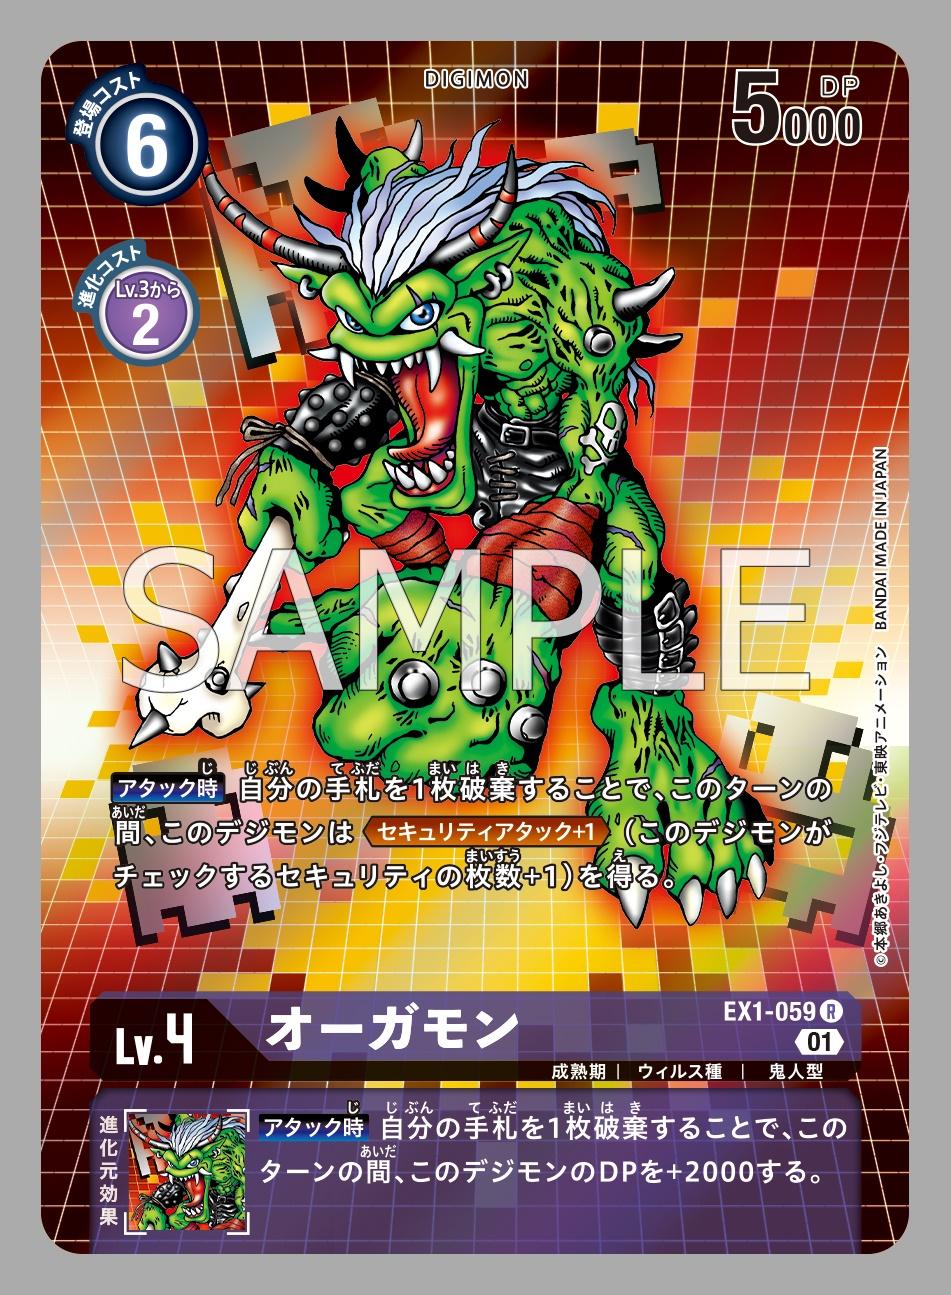 EX1-059 オーガモン